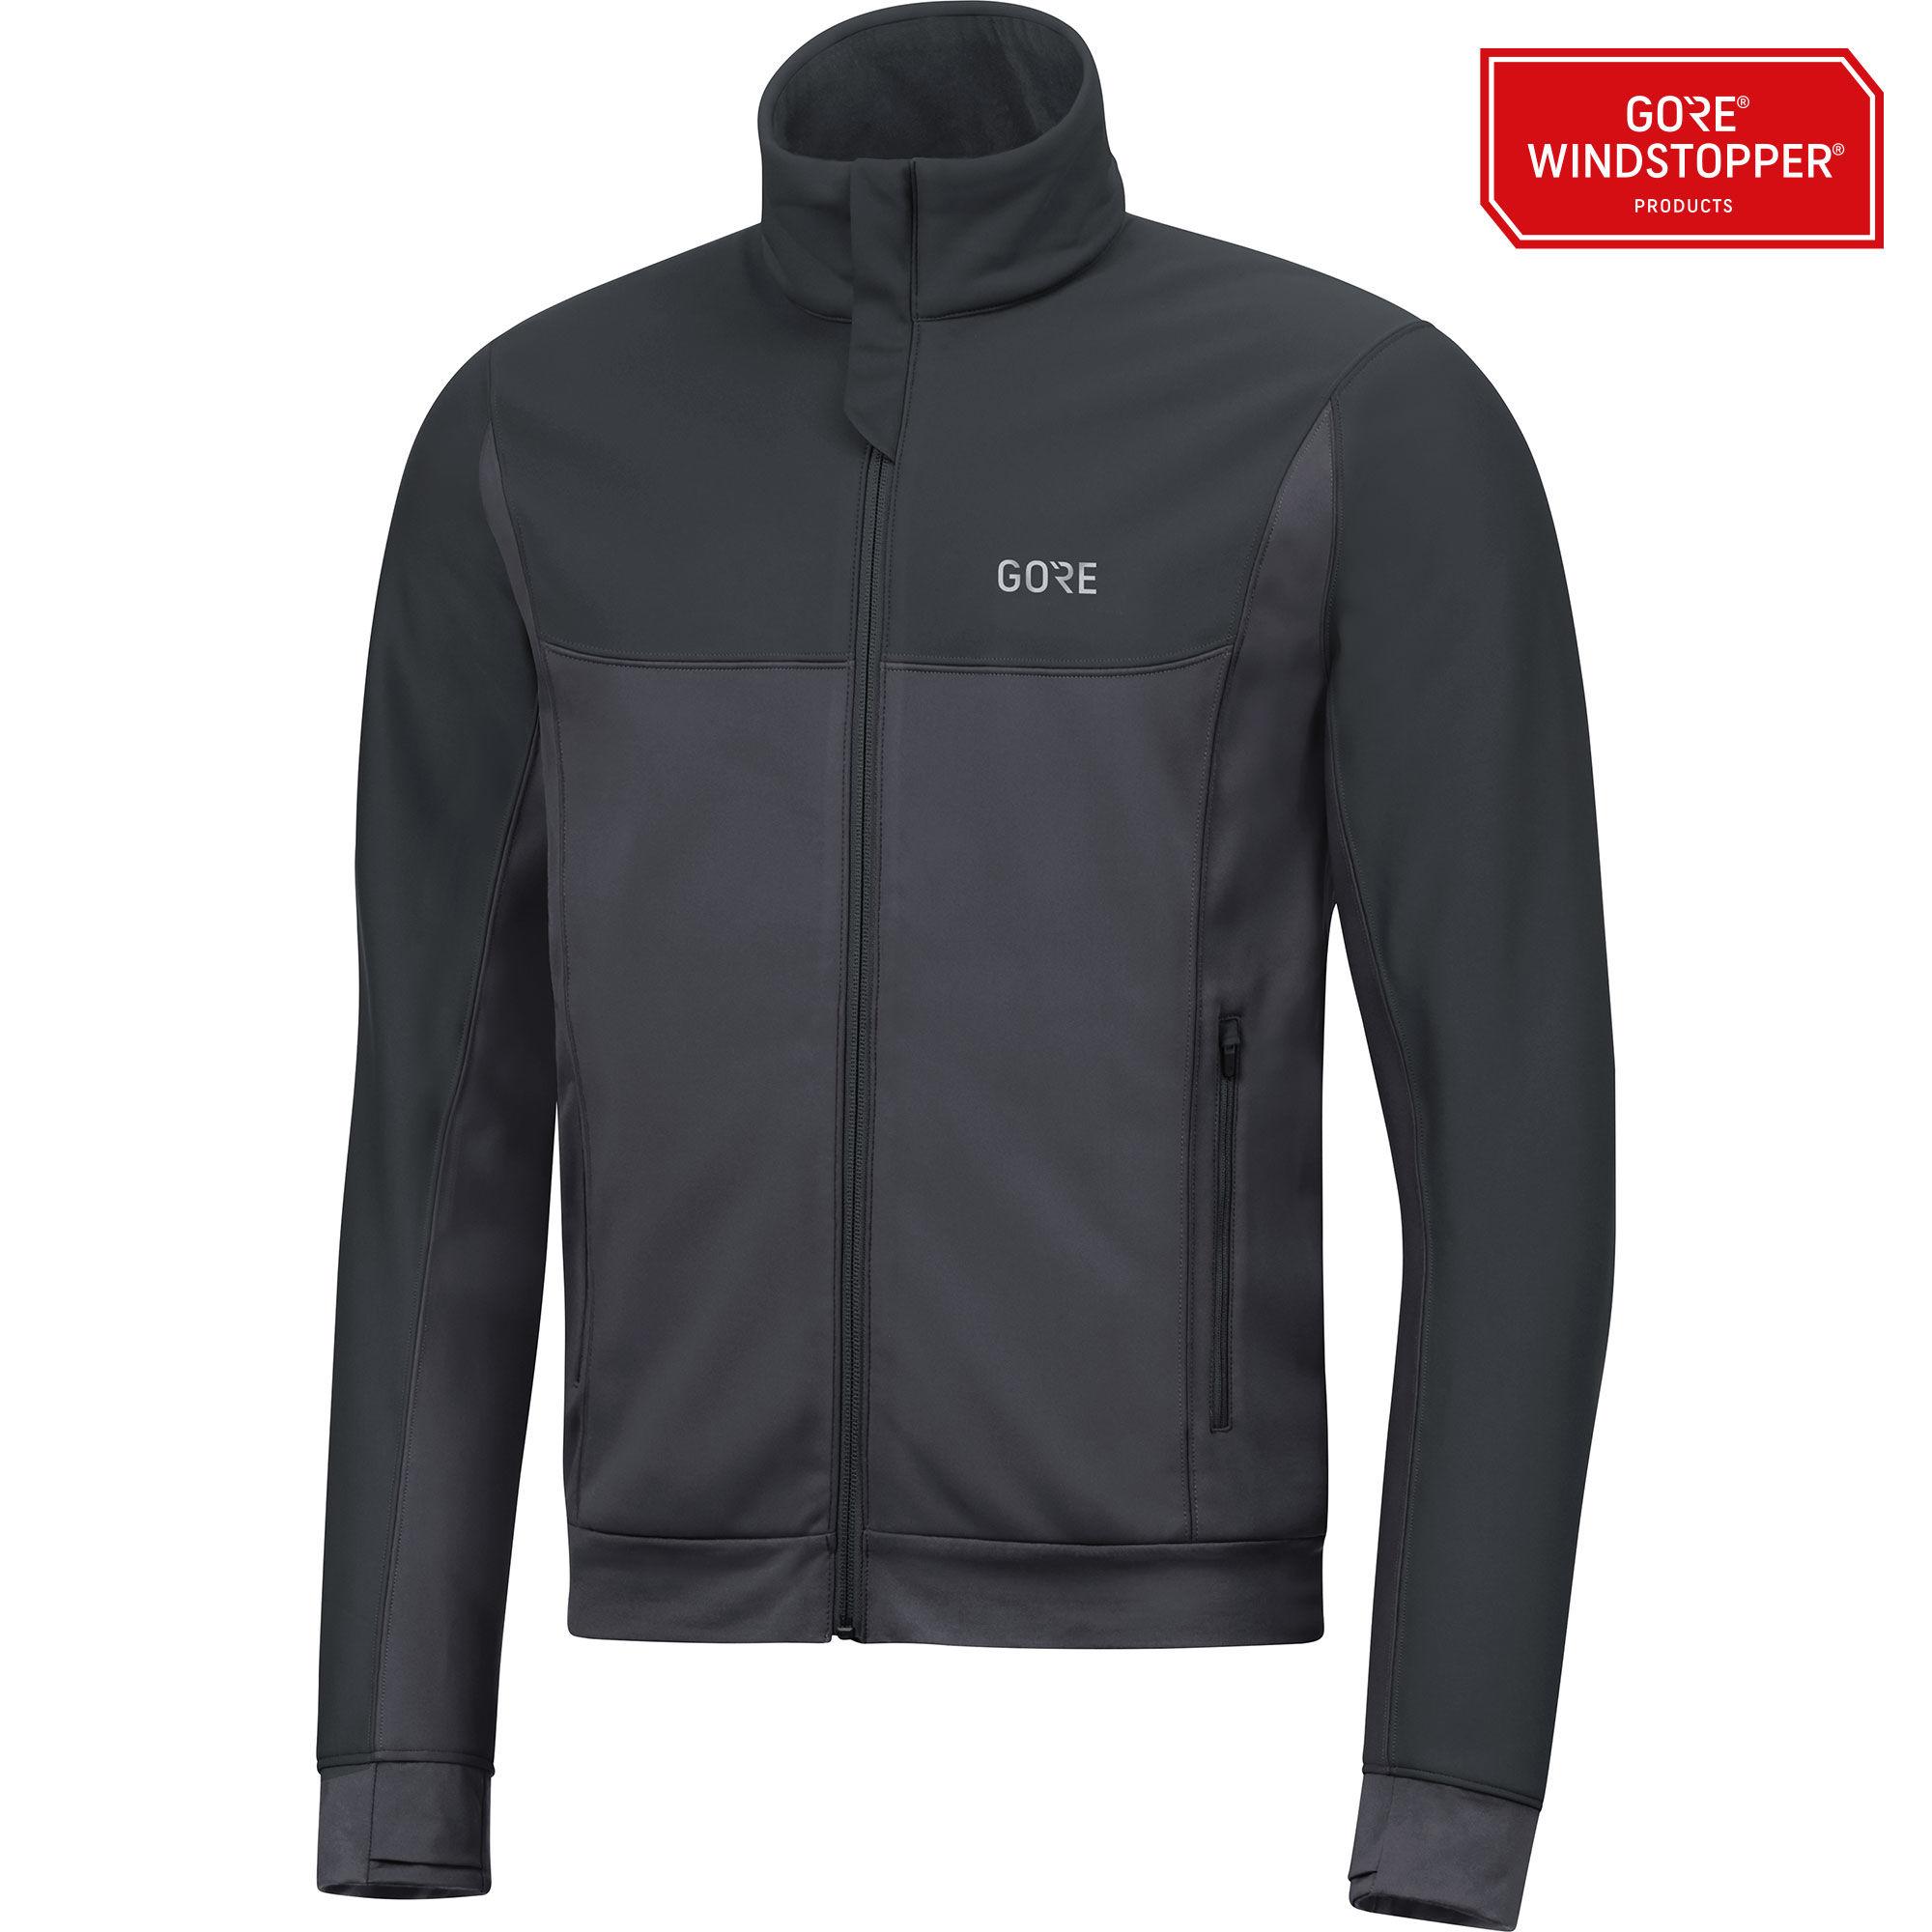 Gore R3 GWS Thermo Jacke in Grau